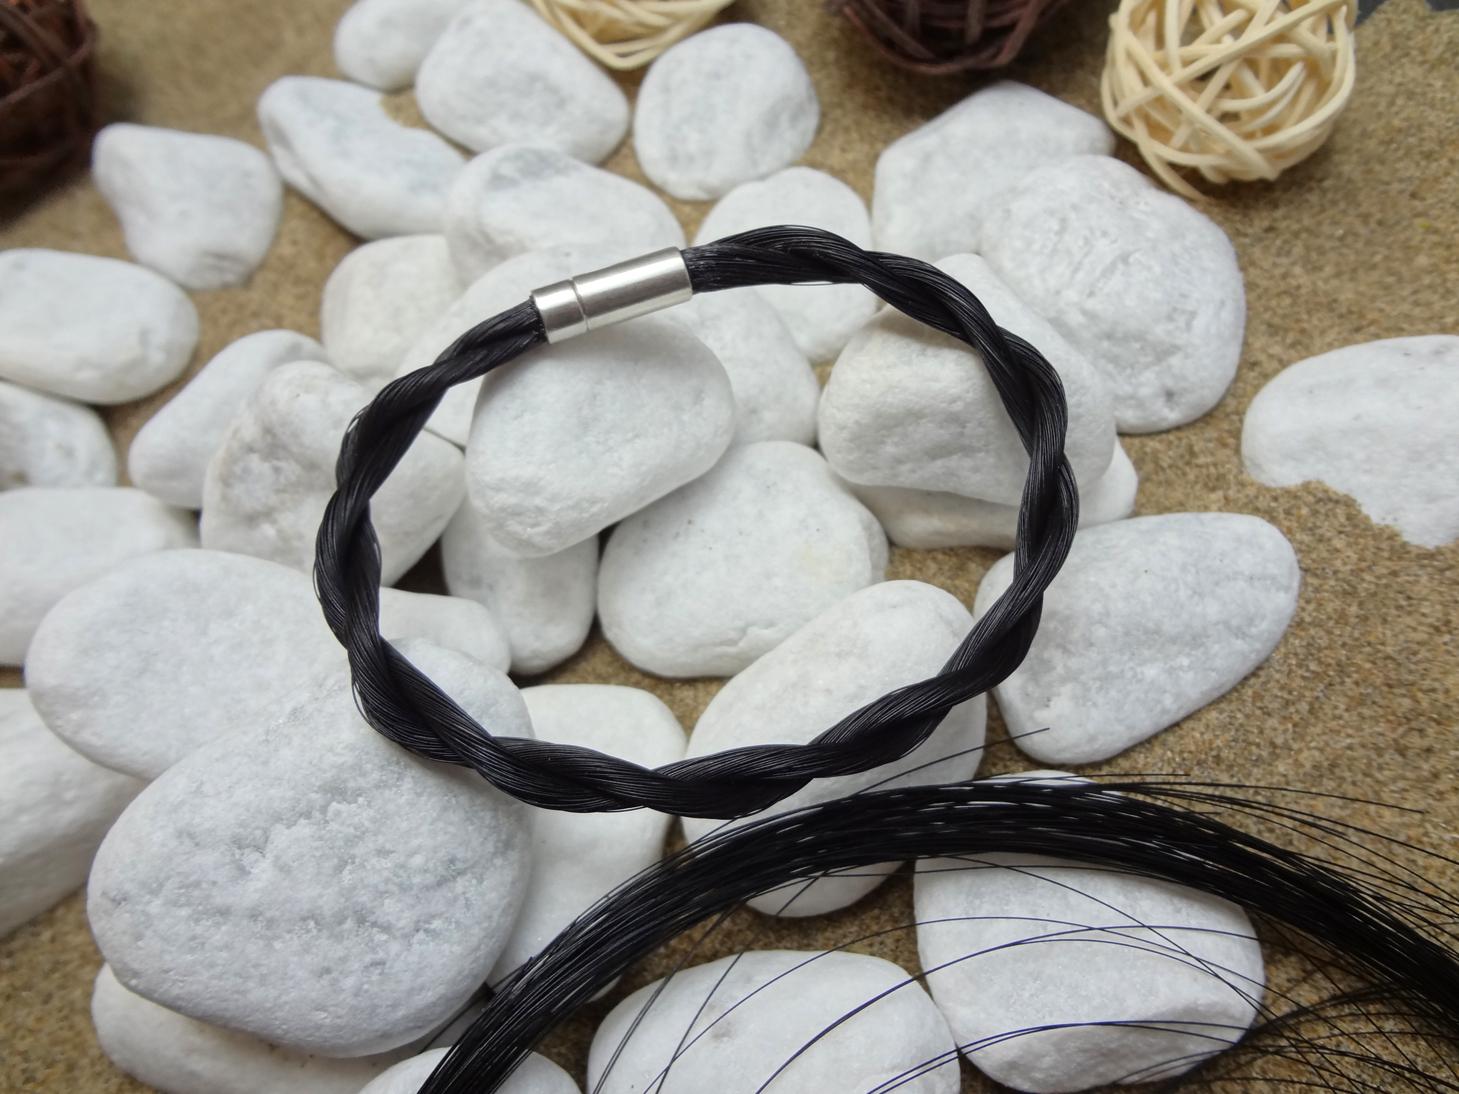 K-schwarz: Zur Kordel gedrehtes Armband mit schwarzem Pferdehaar, mit 925er Silber-Druckverschluss - Preis: 39 Euro